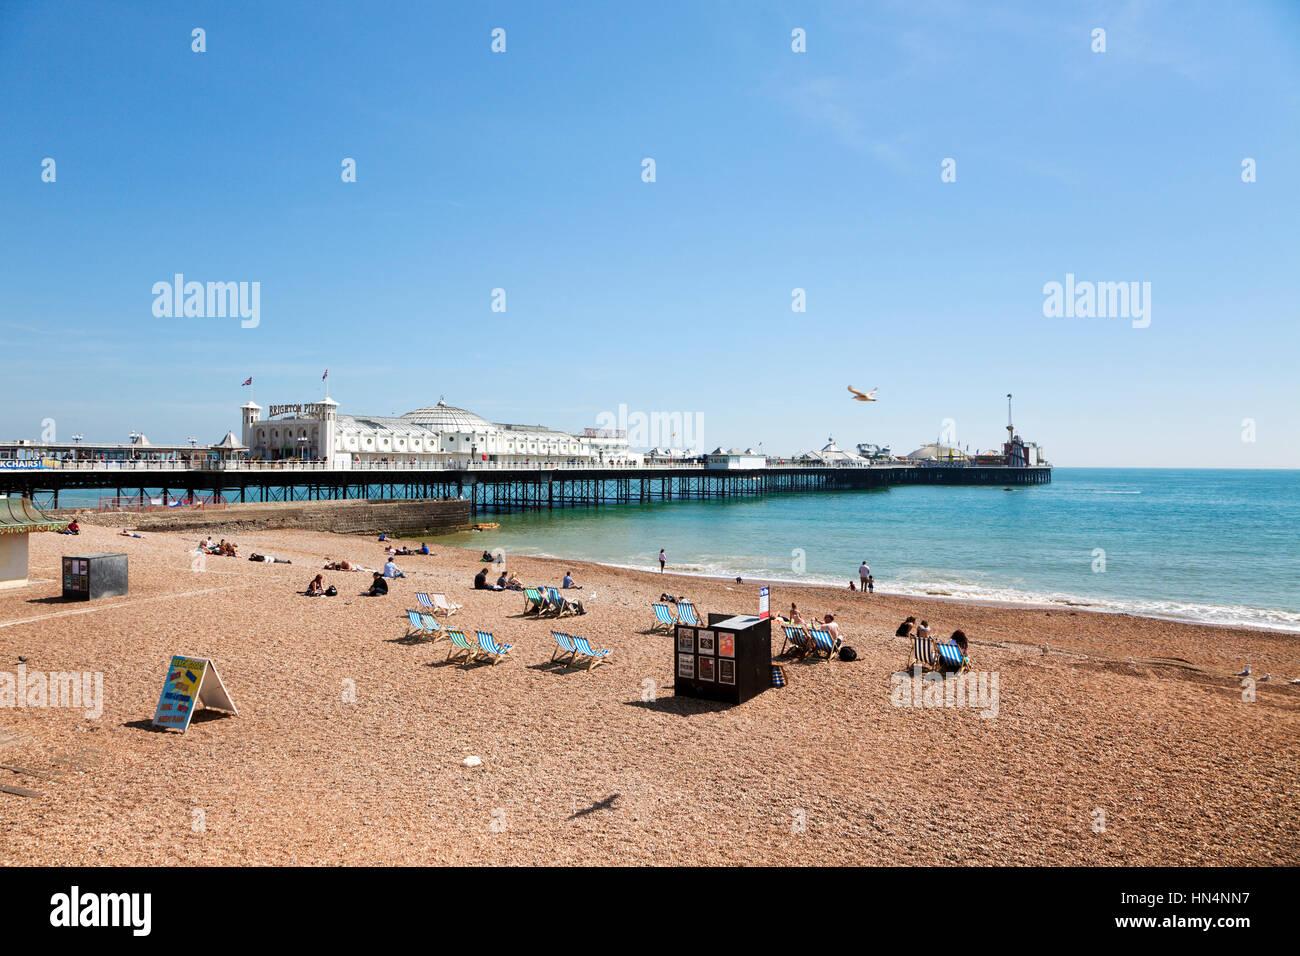 Brighton, Sussex, Reino Unido - 16 de mayo de 2014: Los turistas relajándose en la playa junto al embarcadero Imagen De Stock